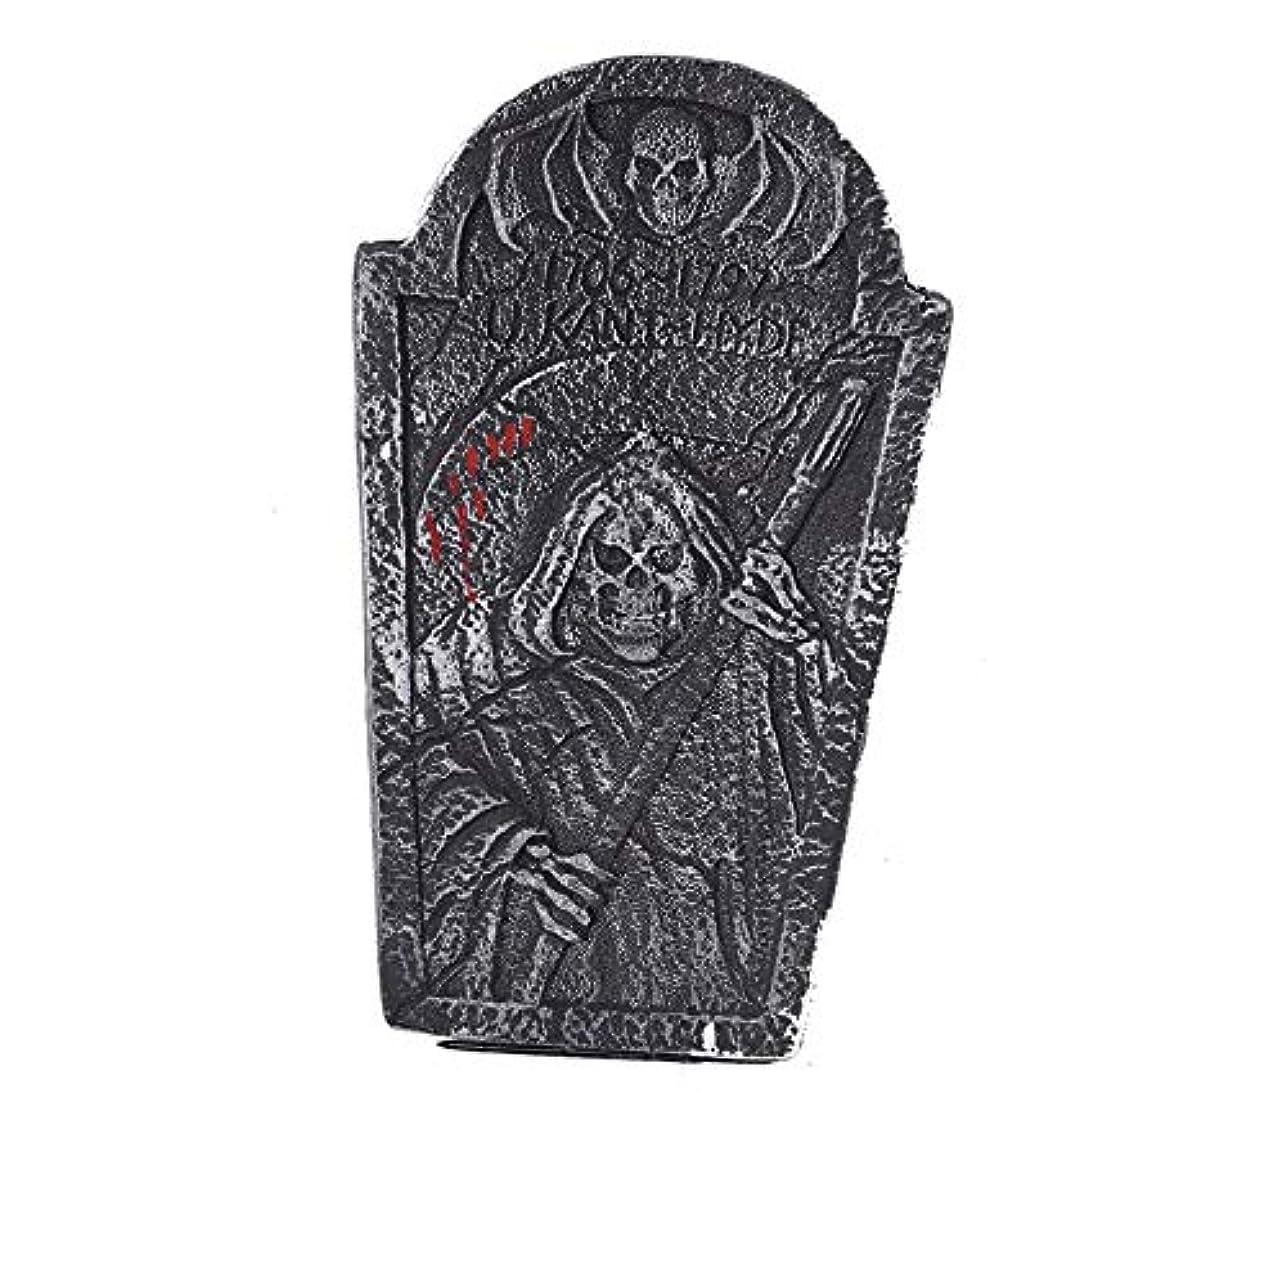 回転させる光の夕食を食べるETRRUU HOME ハロウィーン墓石お化け屋敷バー装飾秘密の部屋タトゥーショップホラースカル装飾写真の小道具